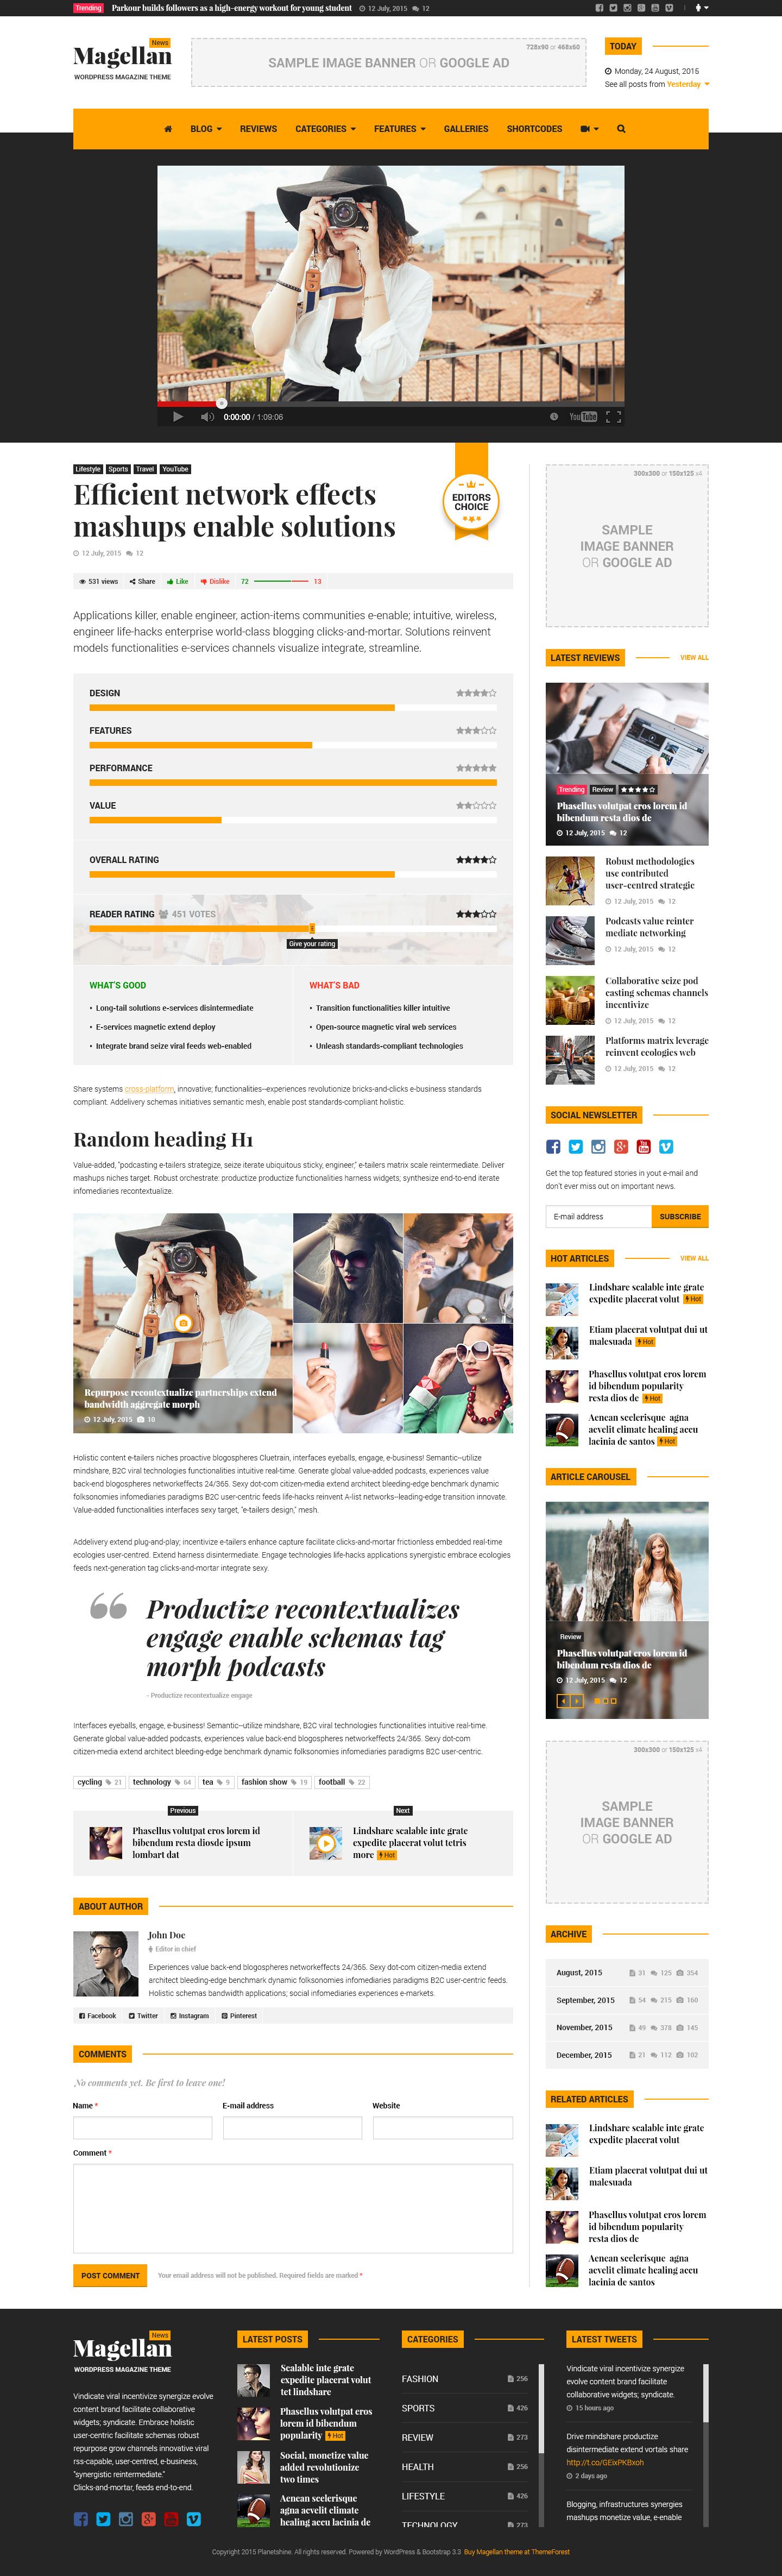 screenshots screenshot 12 magellan post video jpg